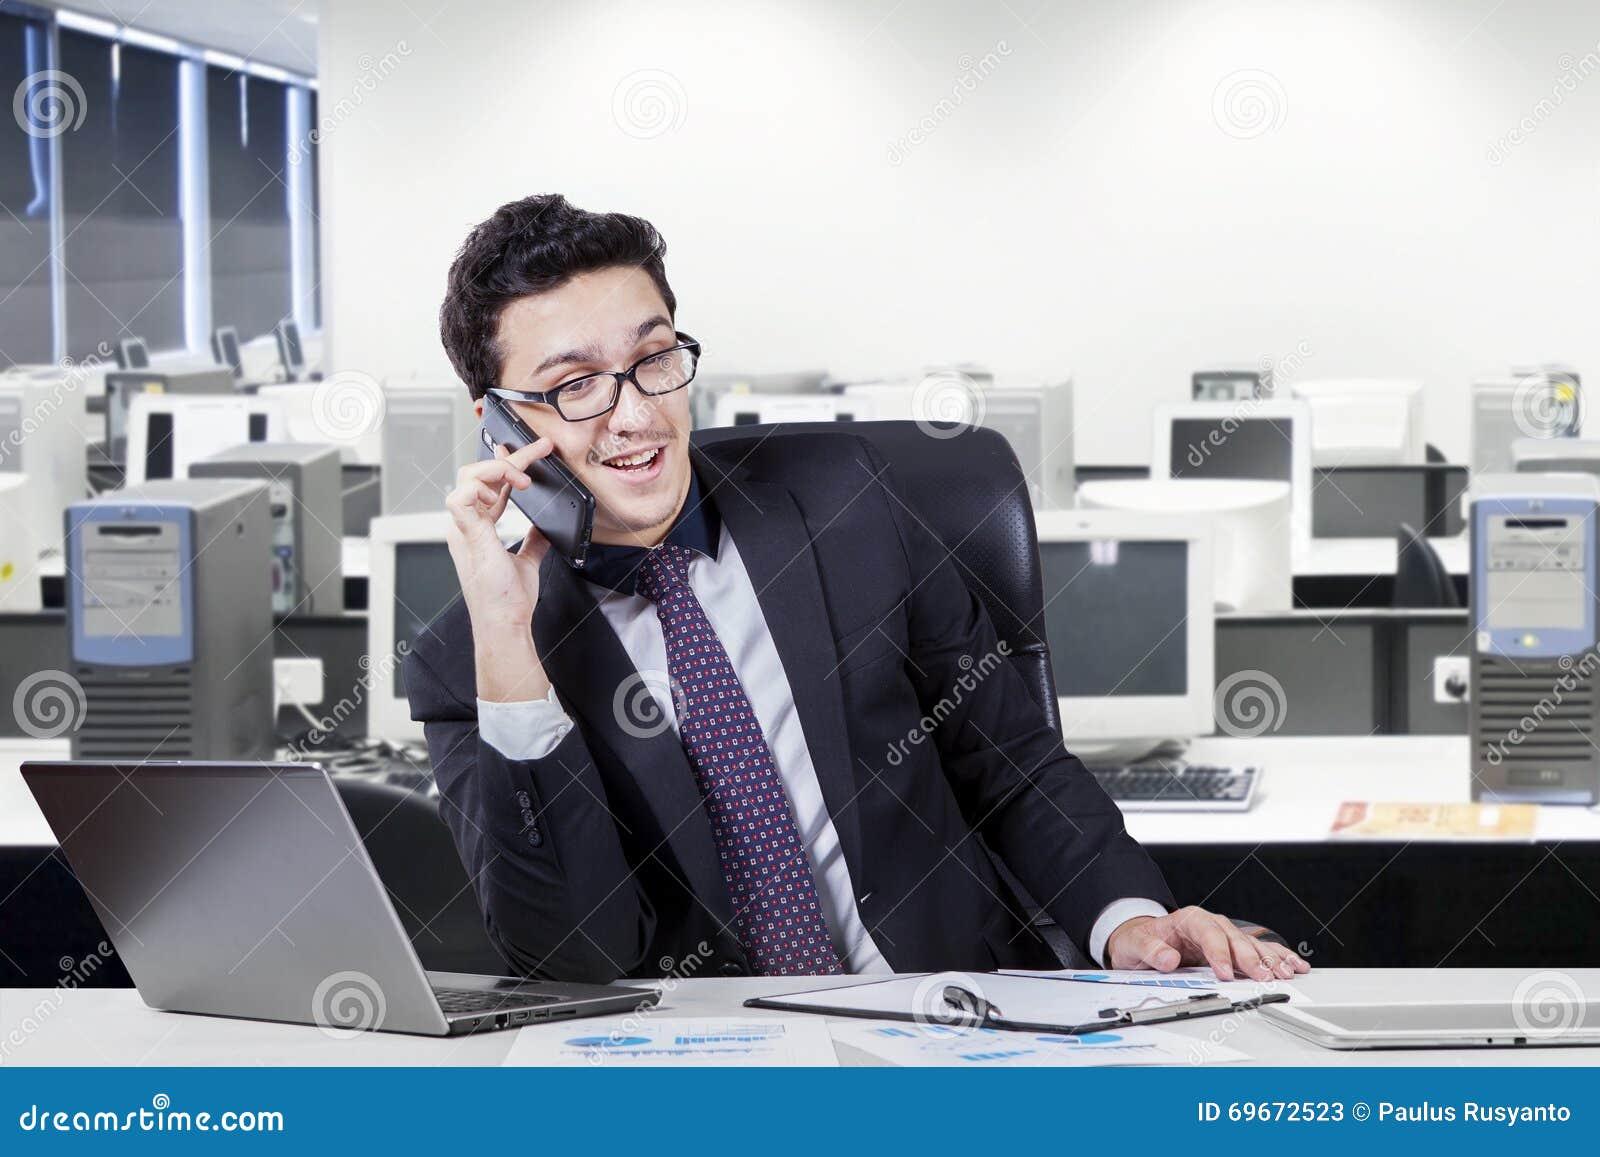 Trabajador que habla en el tel fono m vil en sitio de la for La oficina telefono